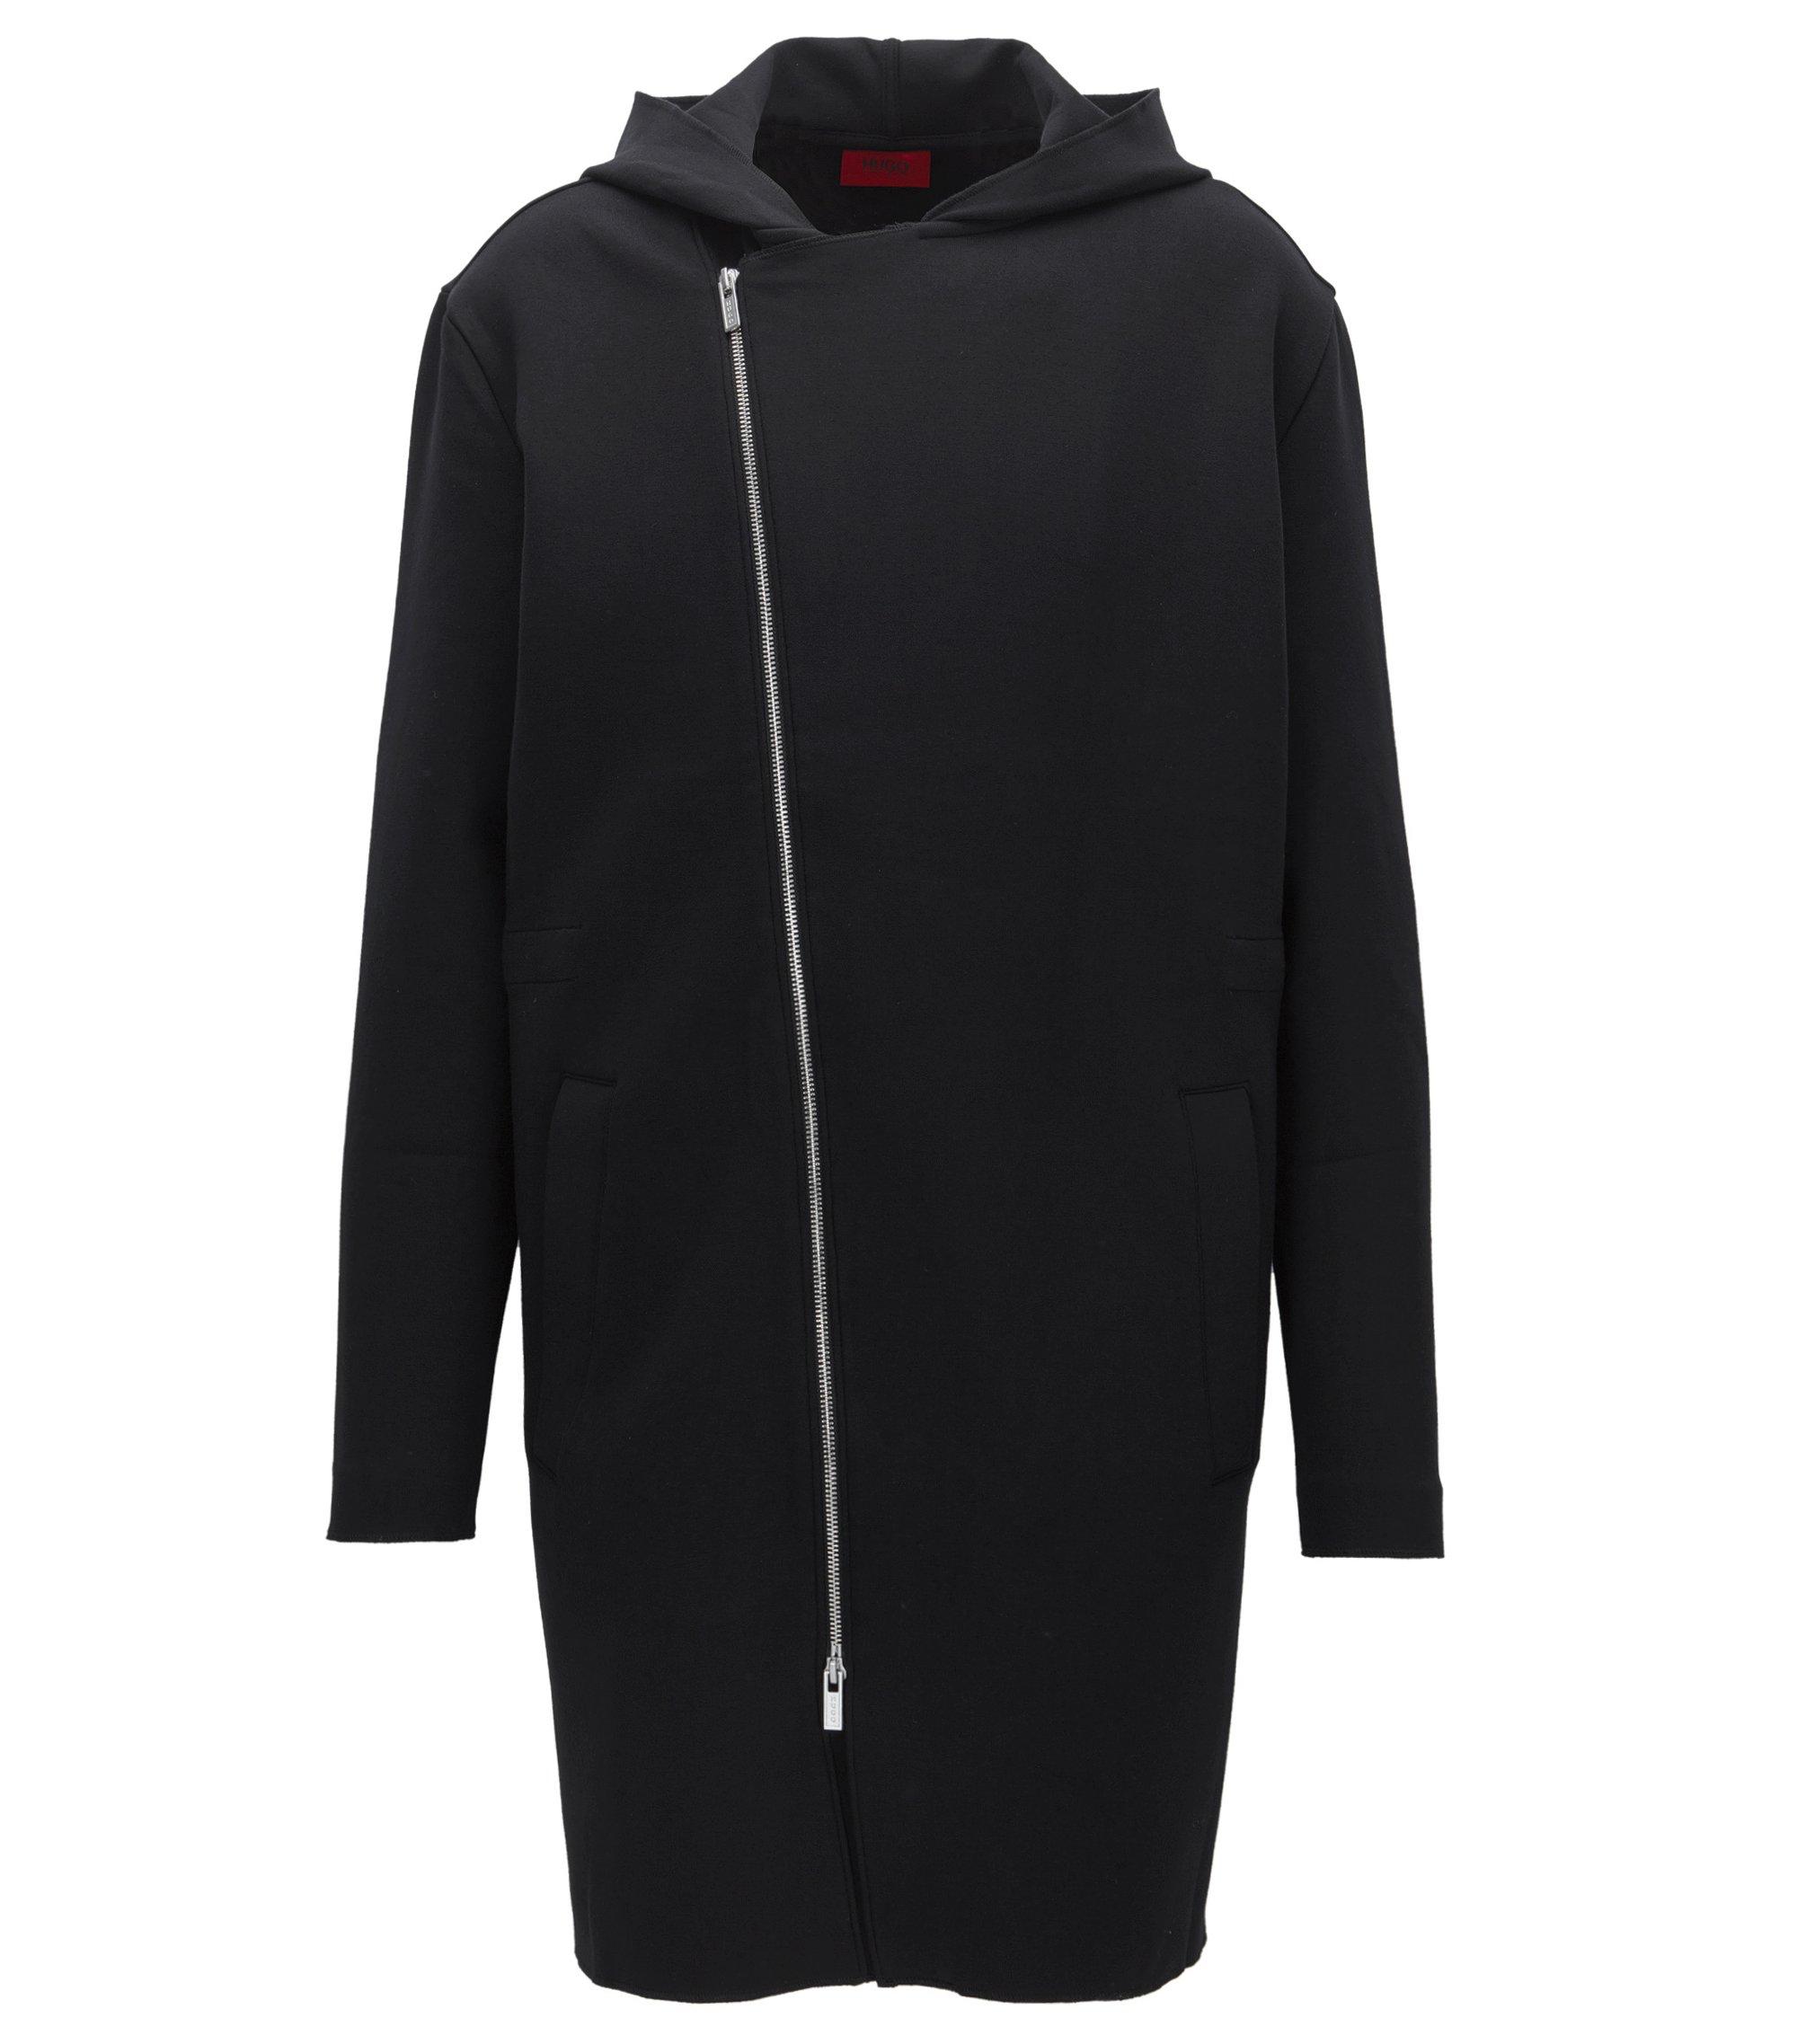 Sudadera extragrande con capucha y cremallera asimétrica en mezcla de algodón elástico, Negro